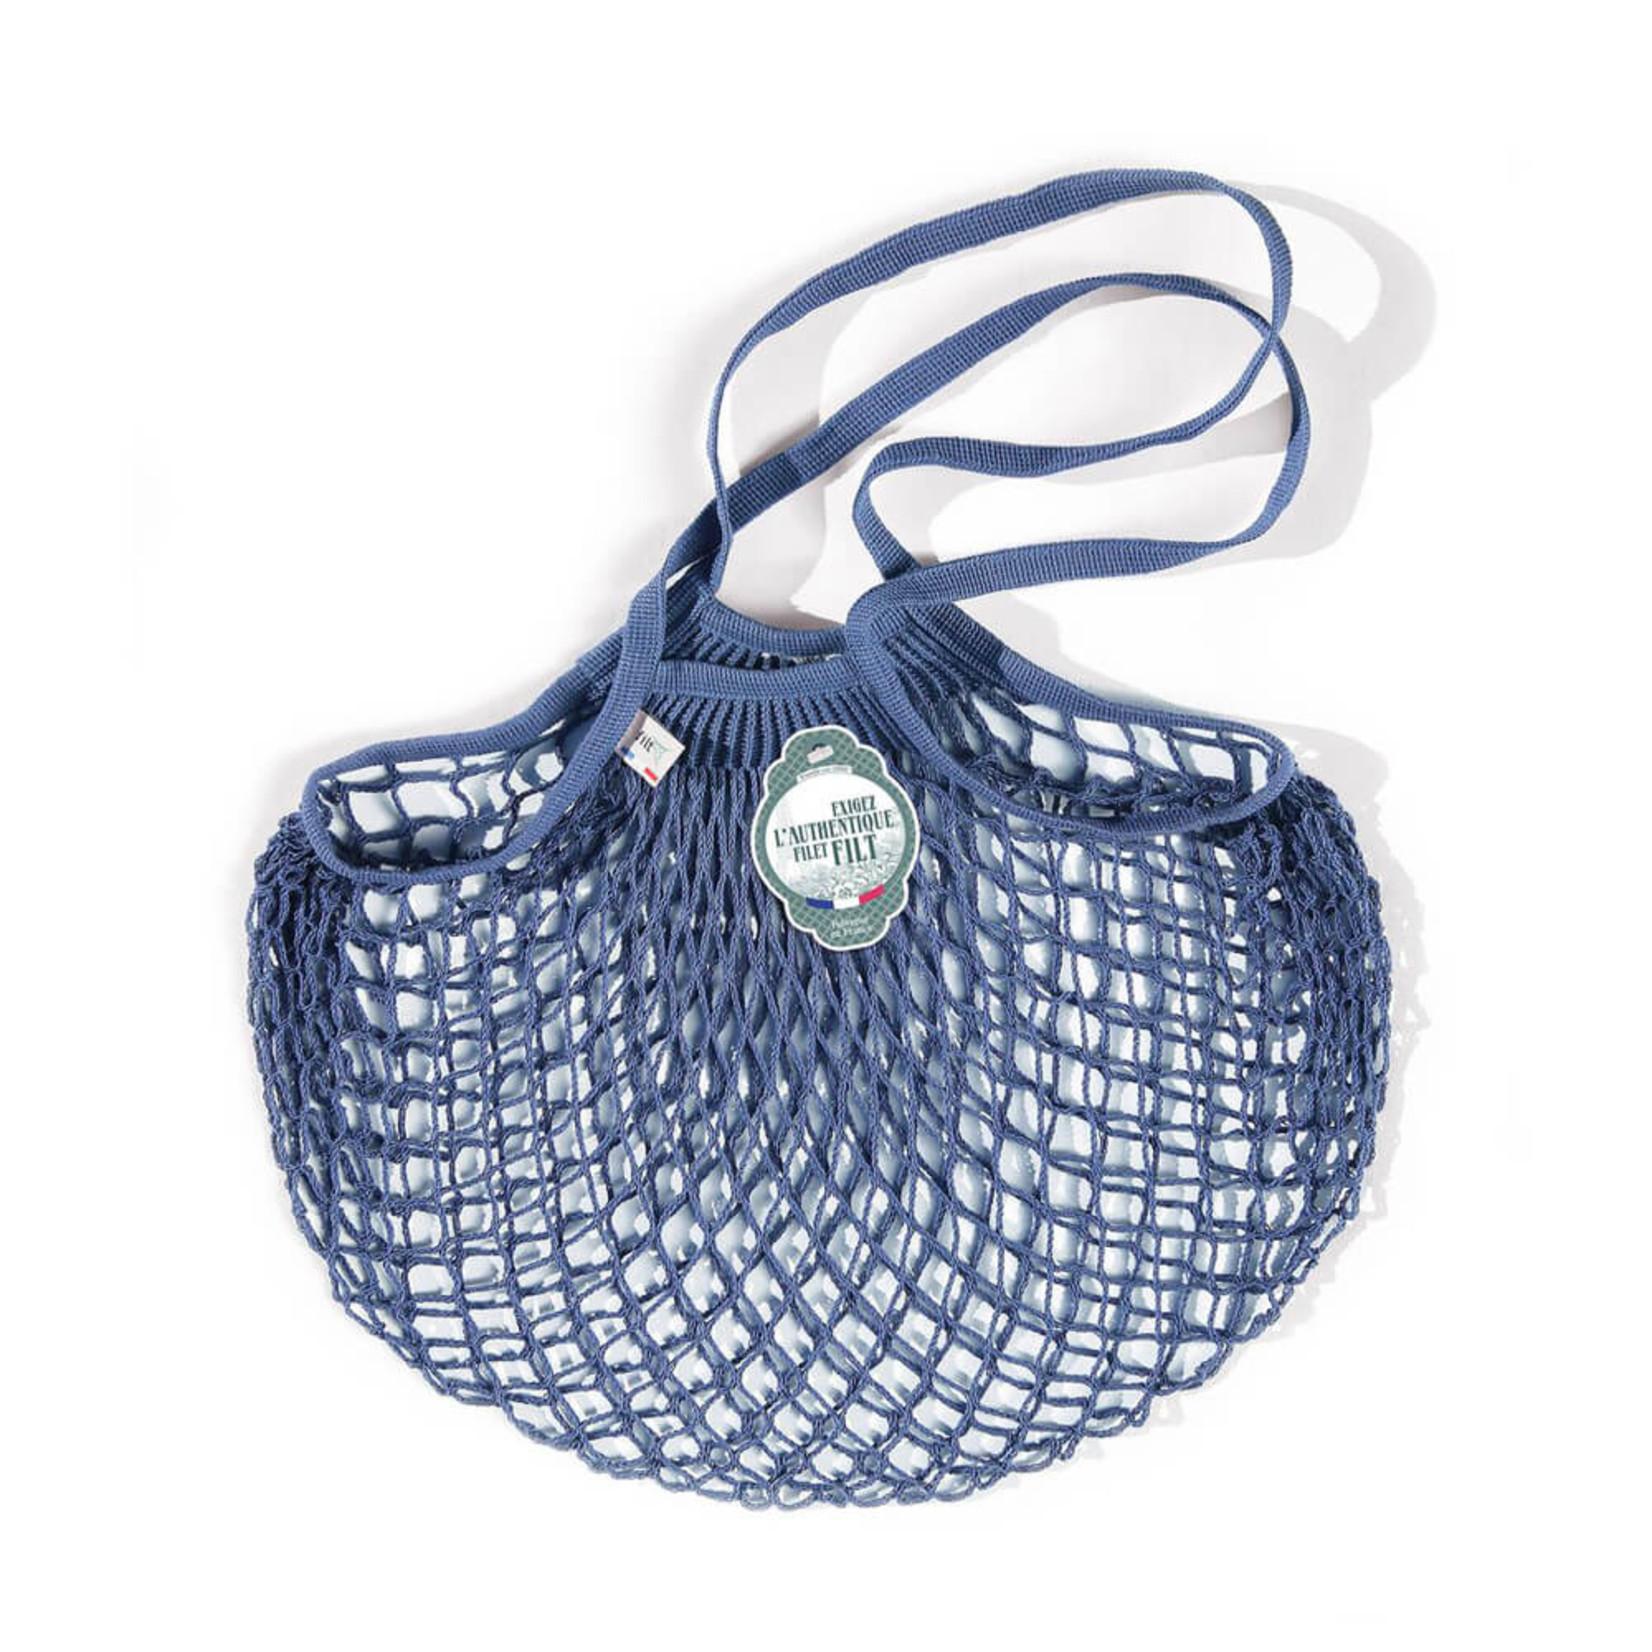 Filt French Market Bag